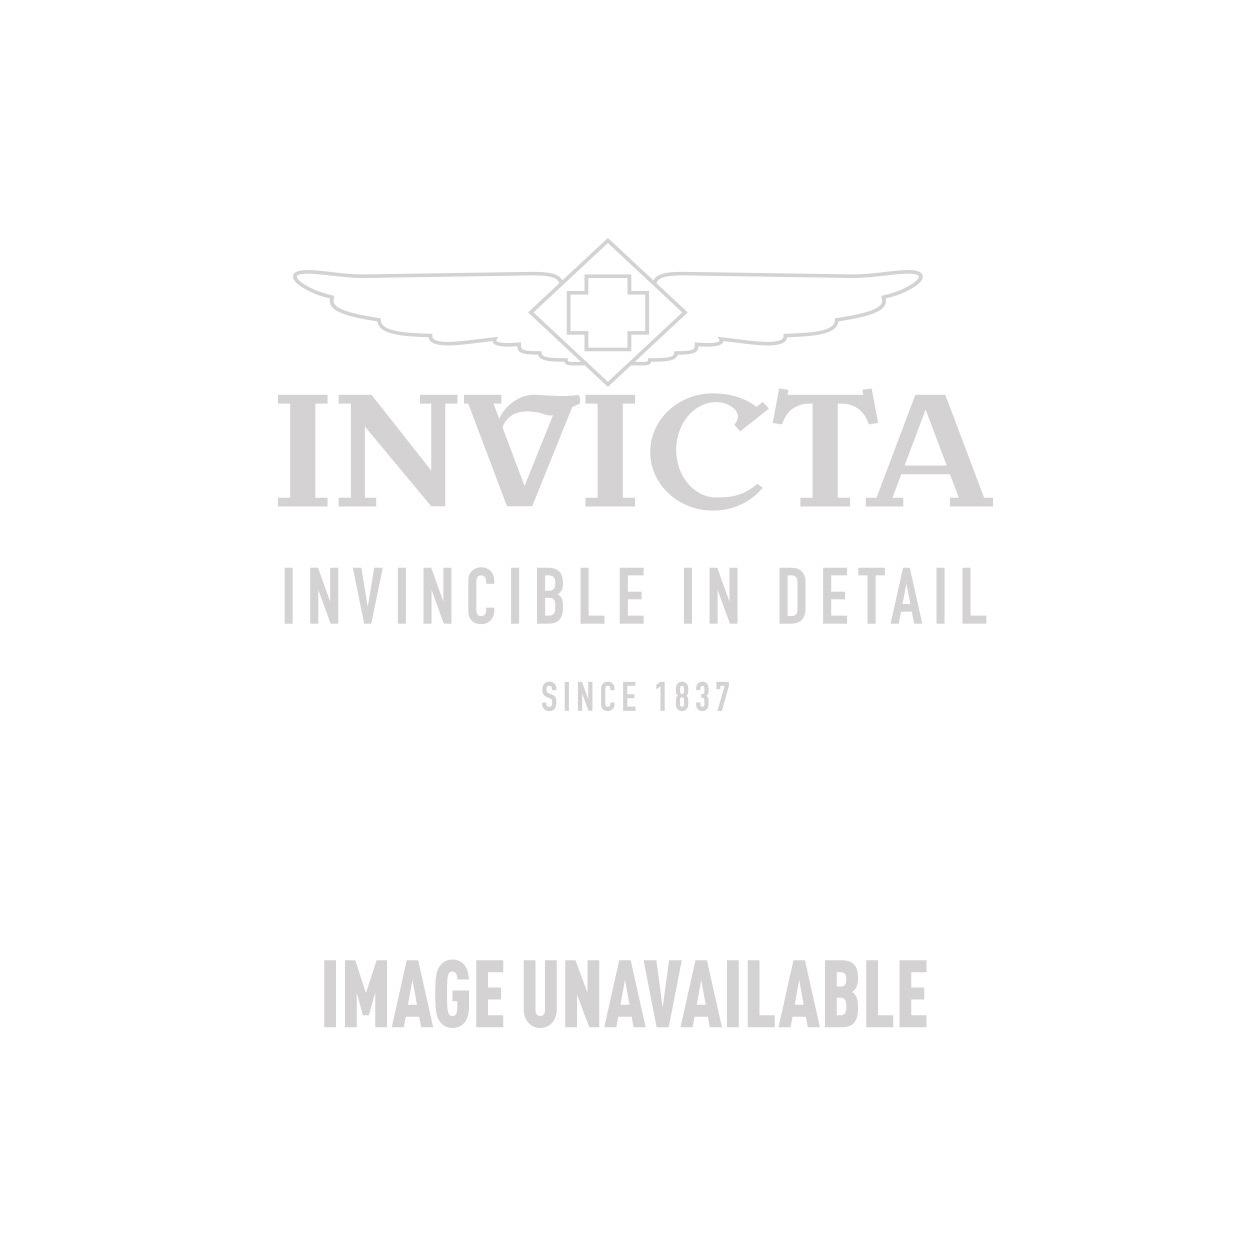 Invicta Model 28969